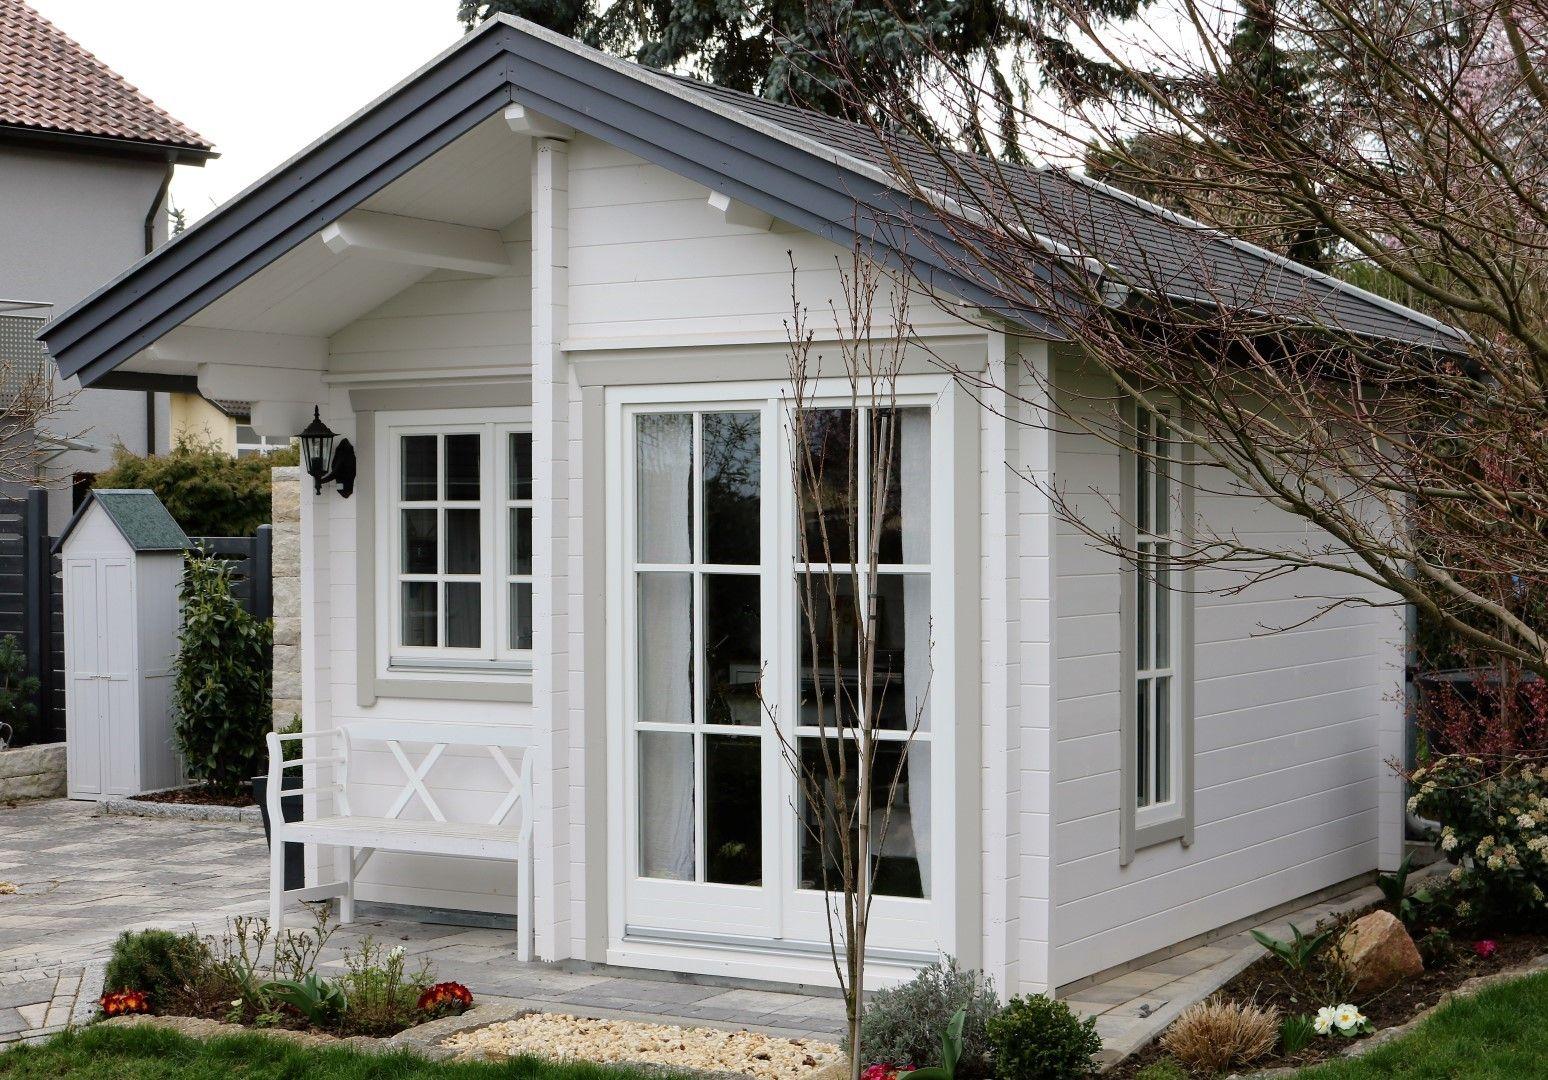 Wunderschönes kleines Gartenhaus zum verweilen. (With